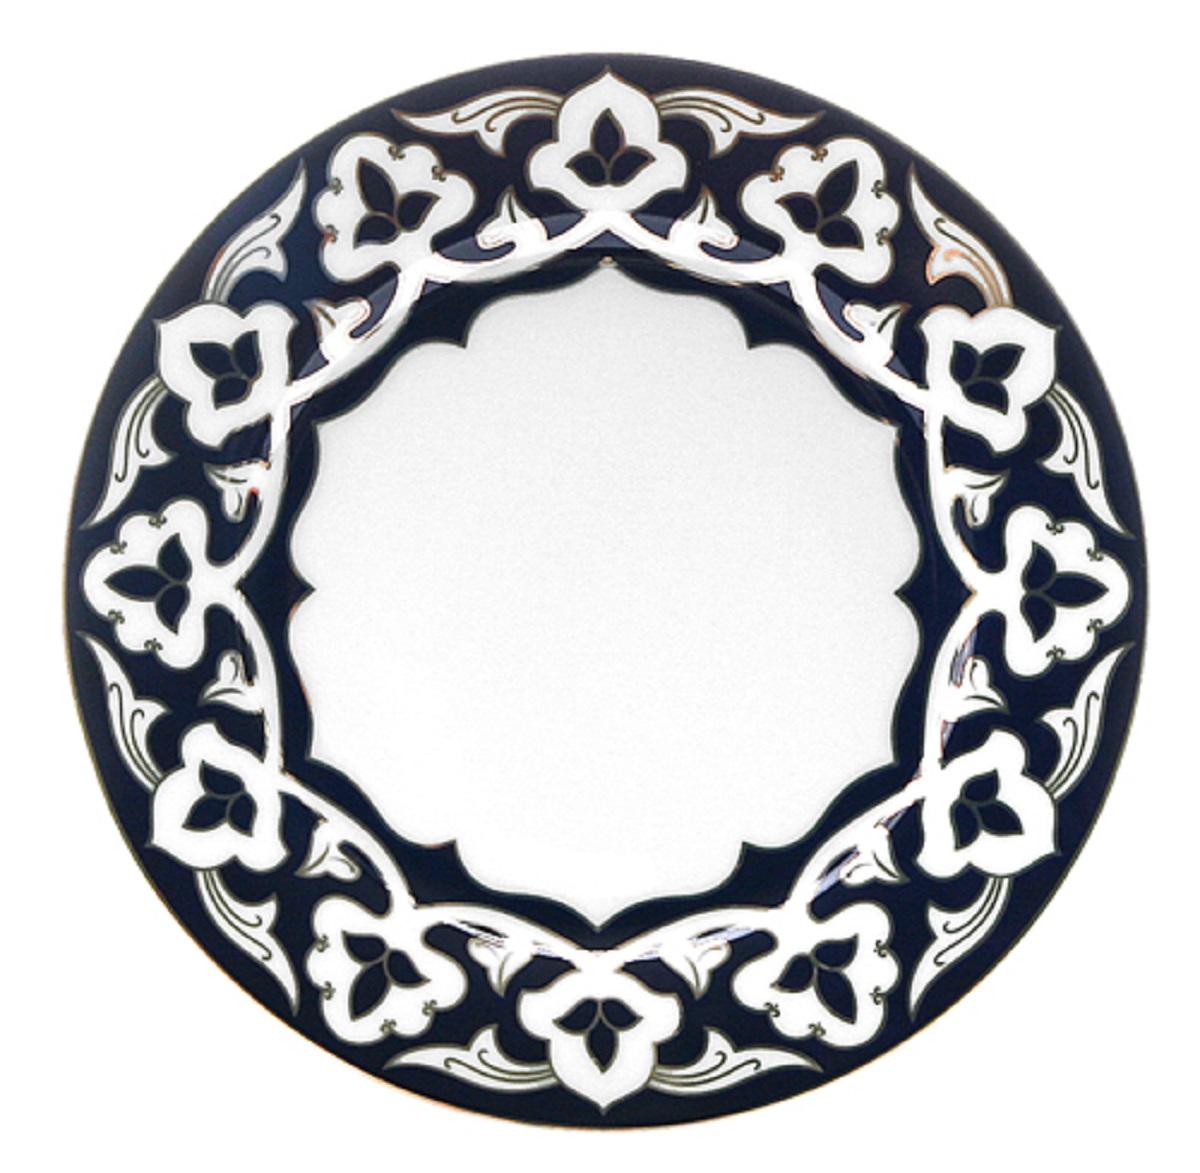 Тарелка МФК-профит Золото Востока, диаметр 20 см216-SP-8Тарелка Золото Востока с восточным рисунком выполнена из фарфора.Диаметр: 20 см.